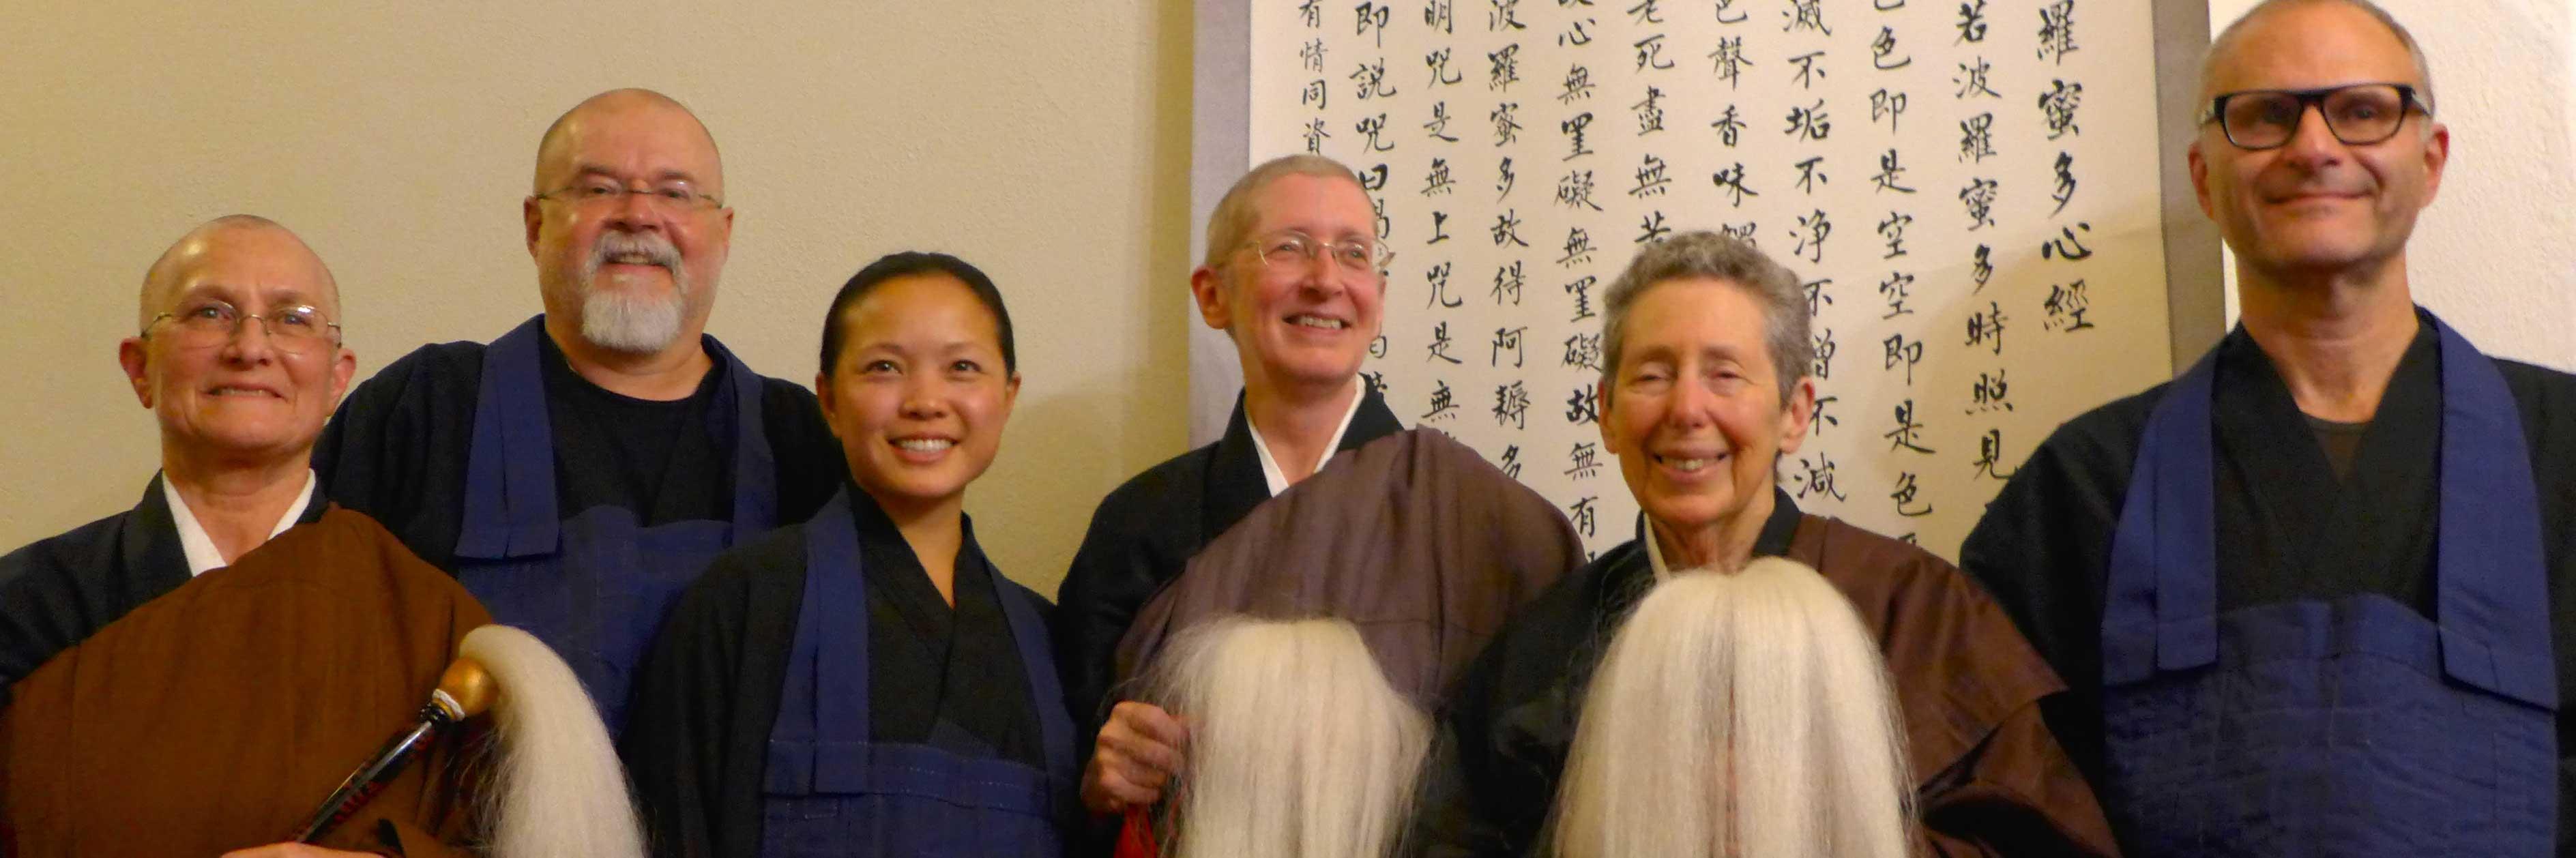 Welcoming Three New Bodhisattvas